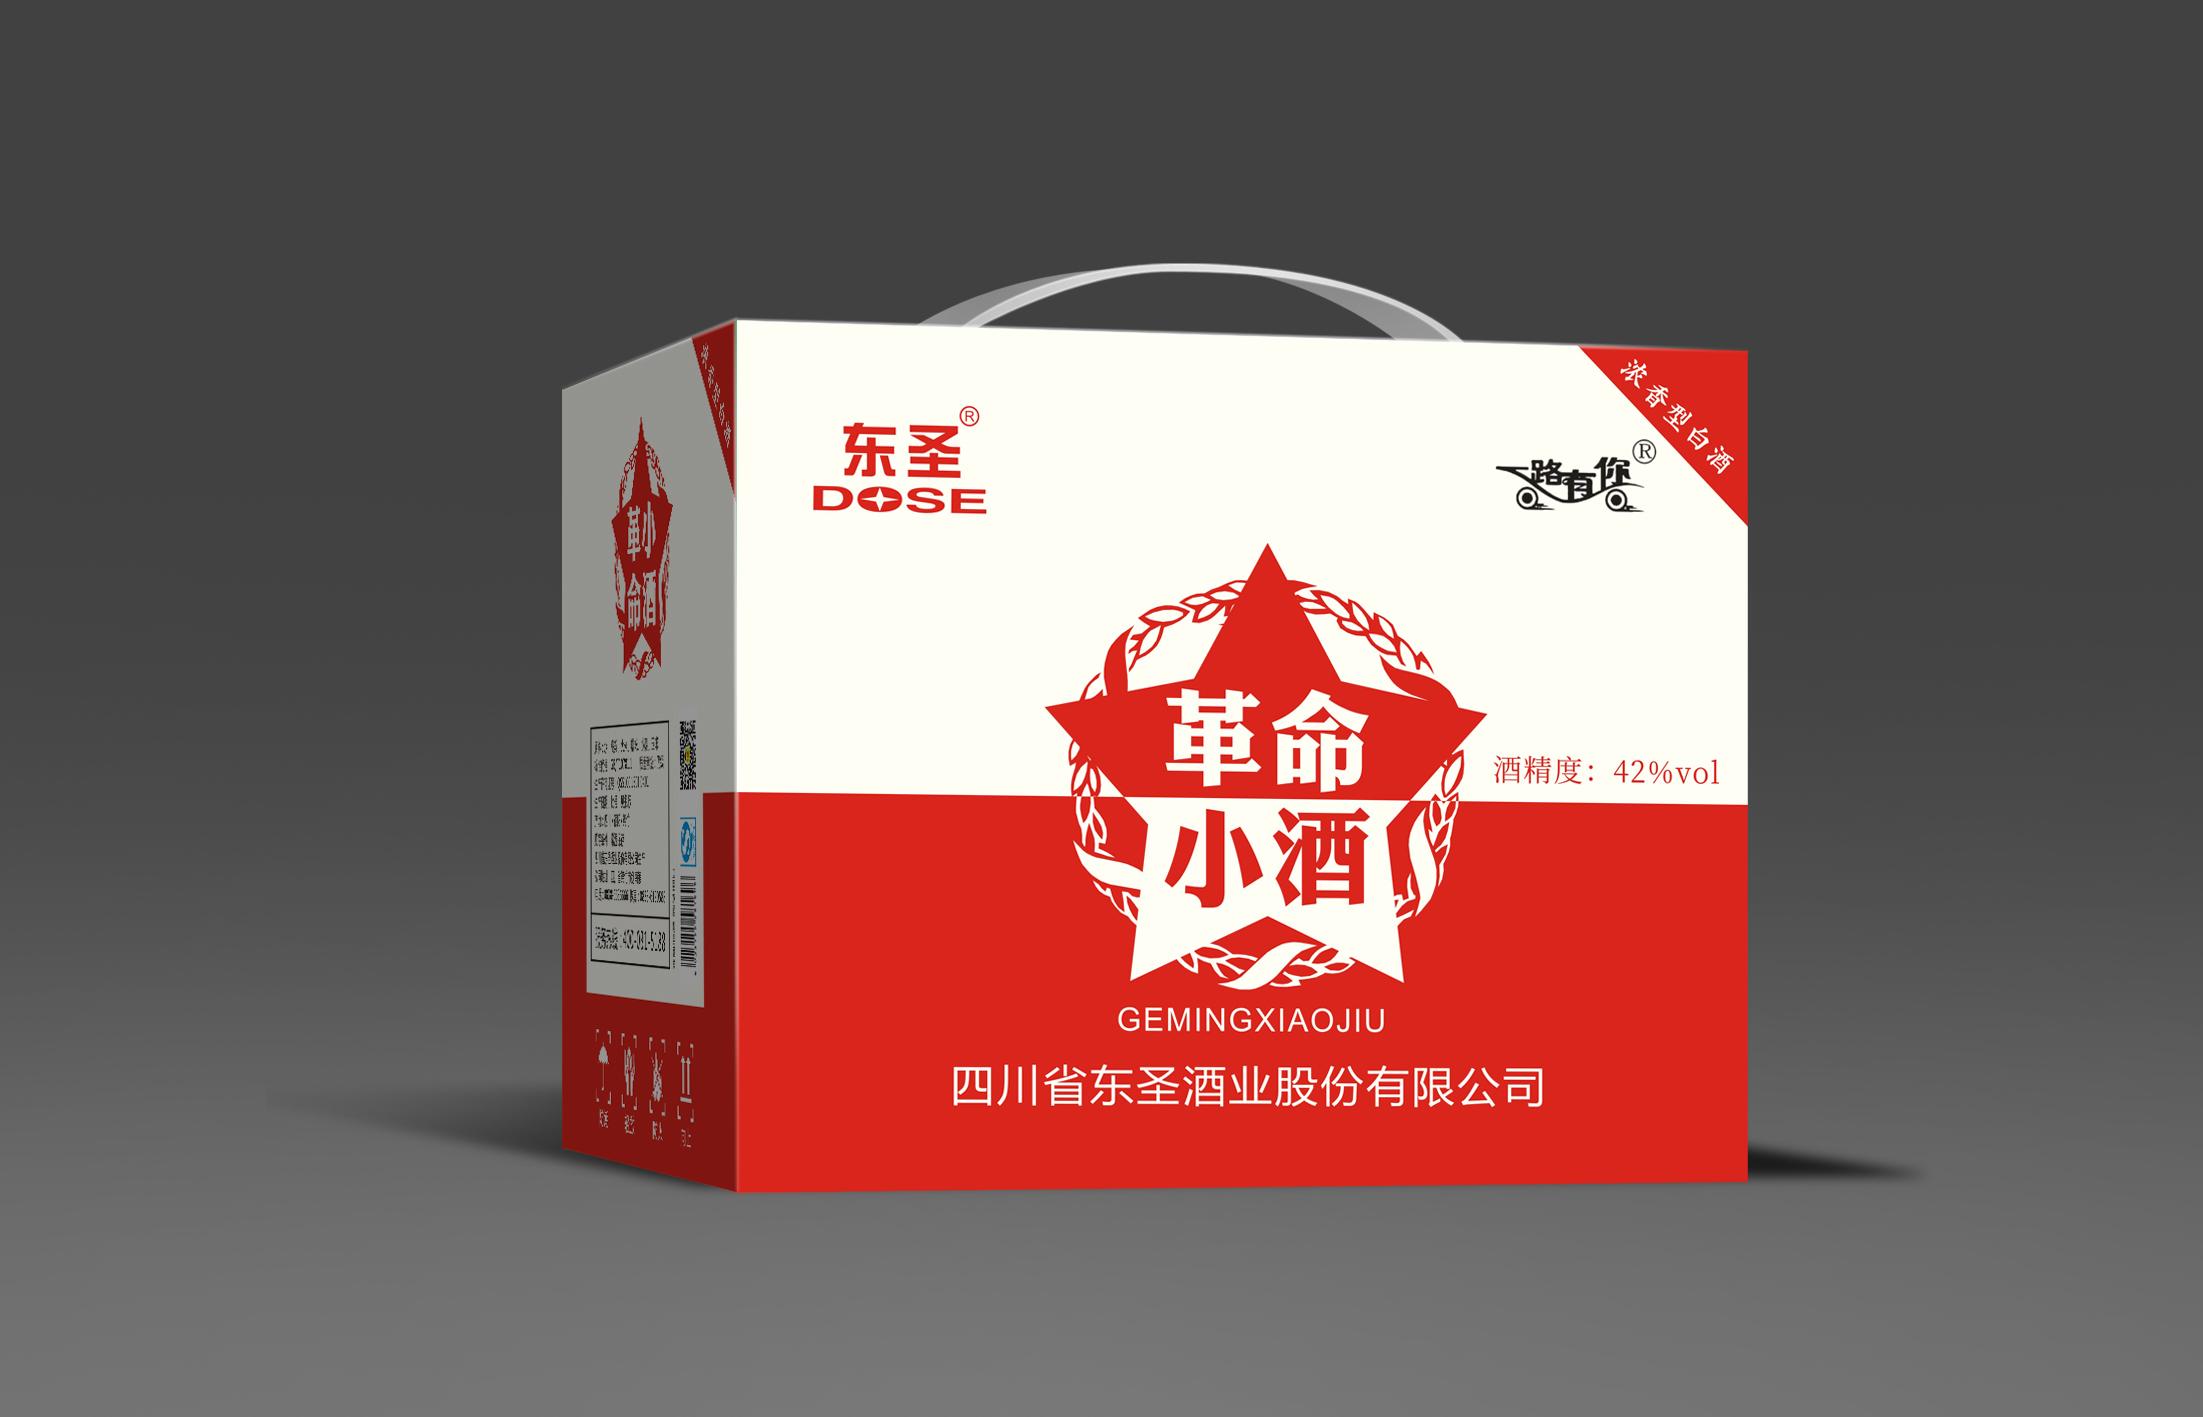 包装设计包装盒设计包装袋设计标签设计手提袋设计纸箱设计